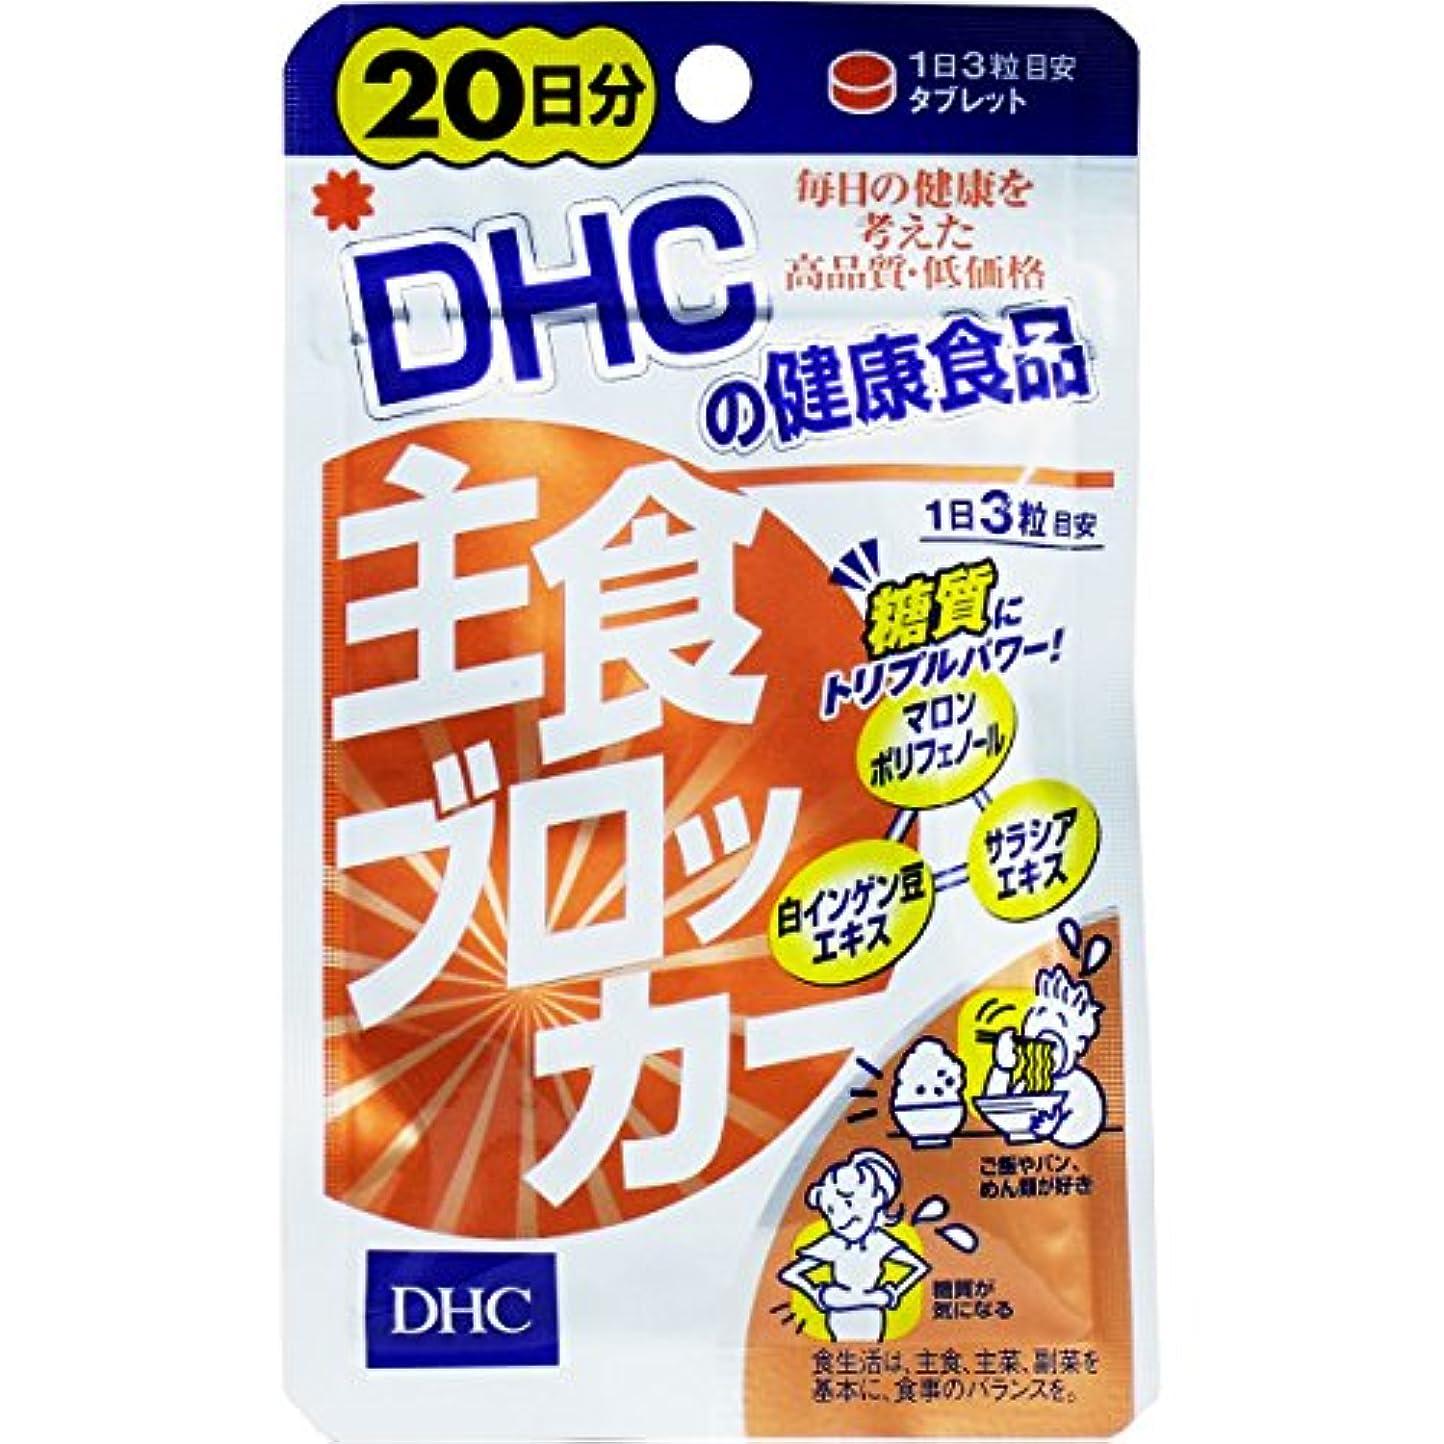 自然労働者風変わりなサプリ 主食好きさんの、健康とダイエットに 話題の DHC 主食ブロッカー 20日分 60粒入